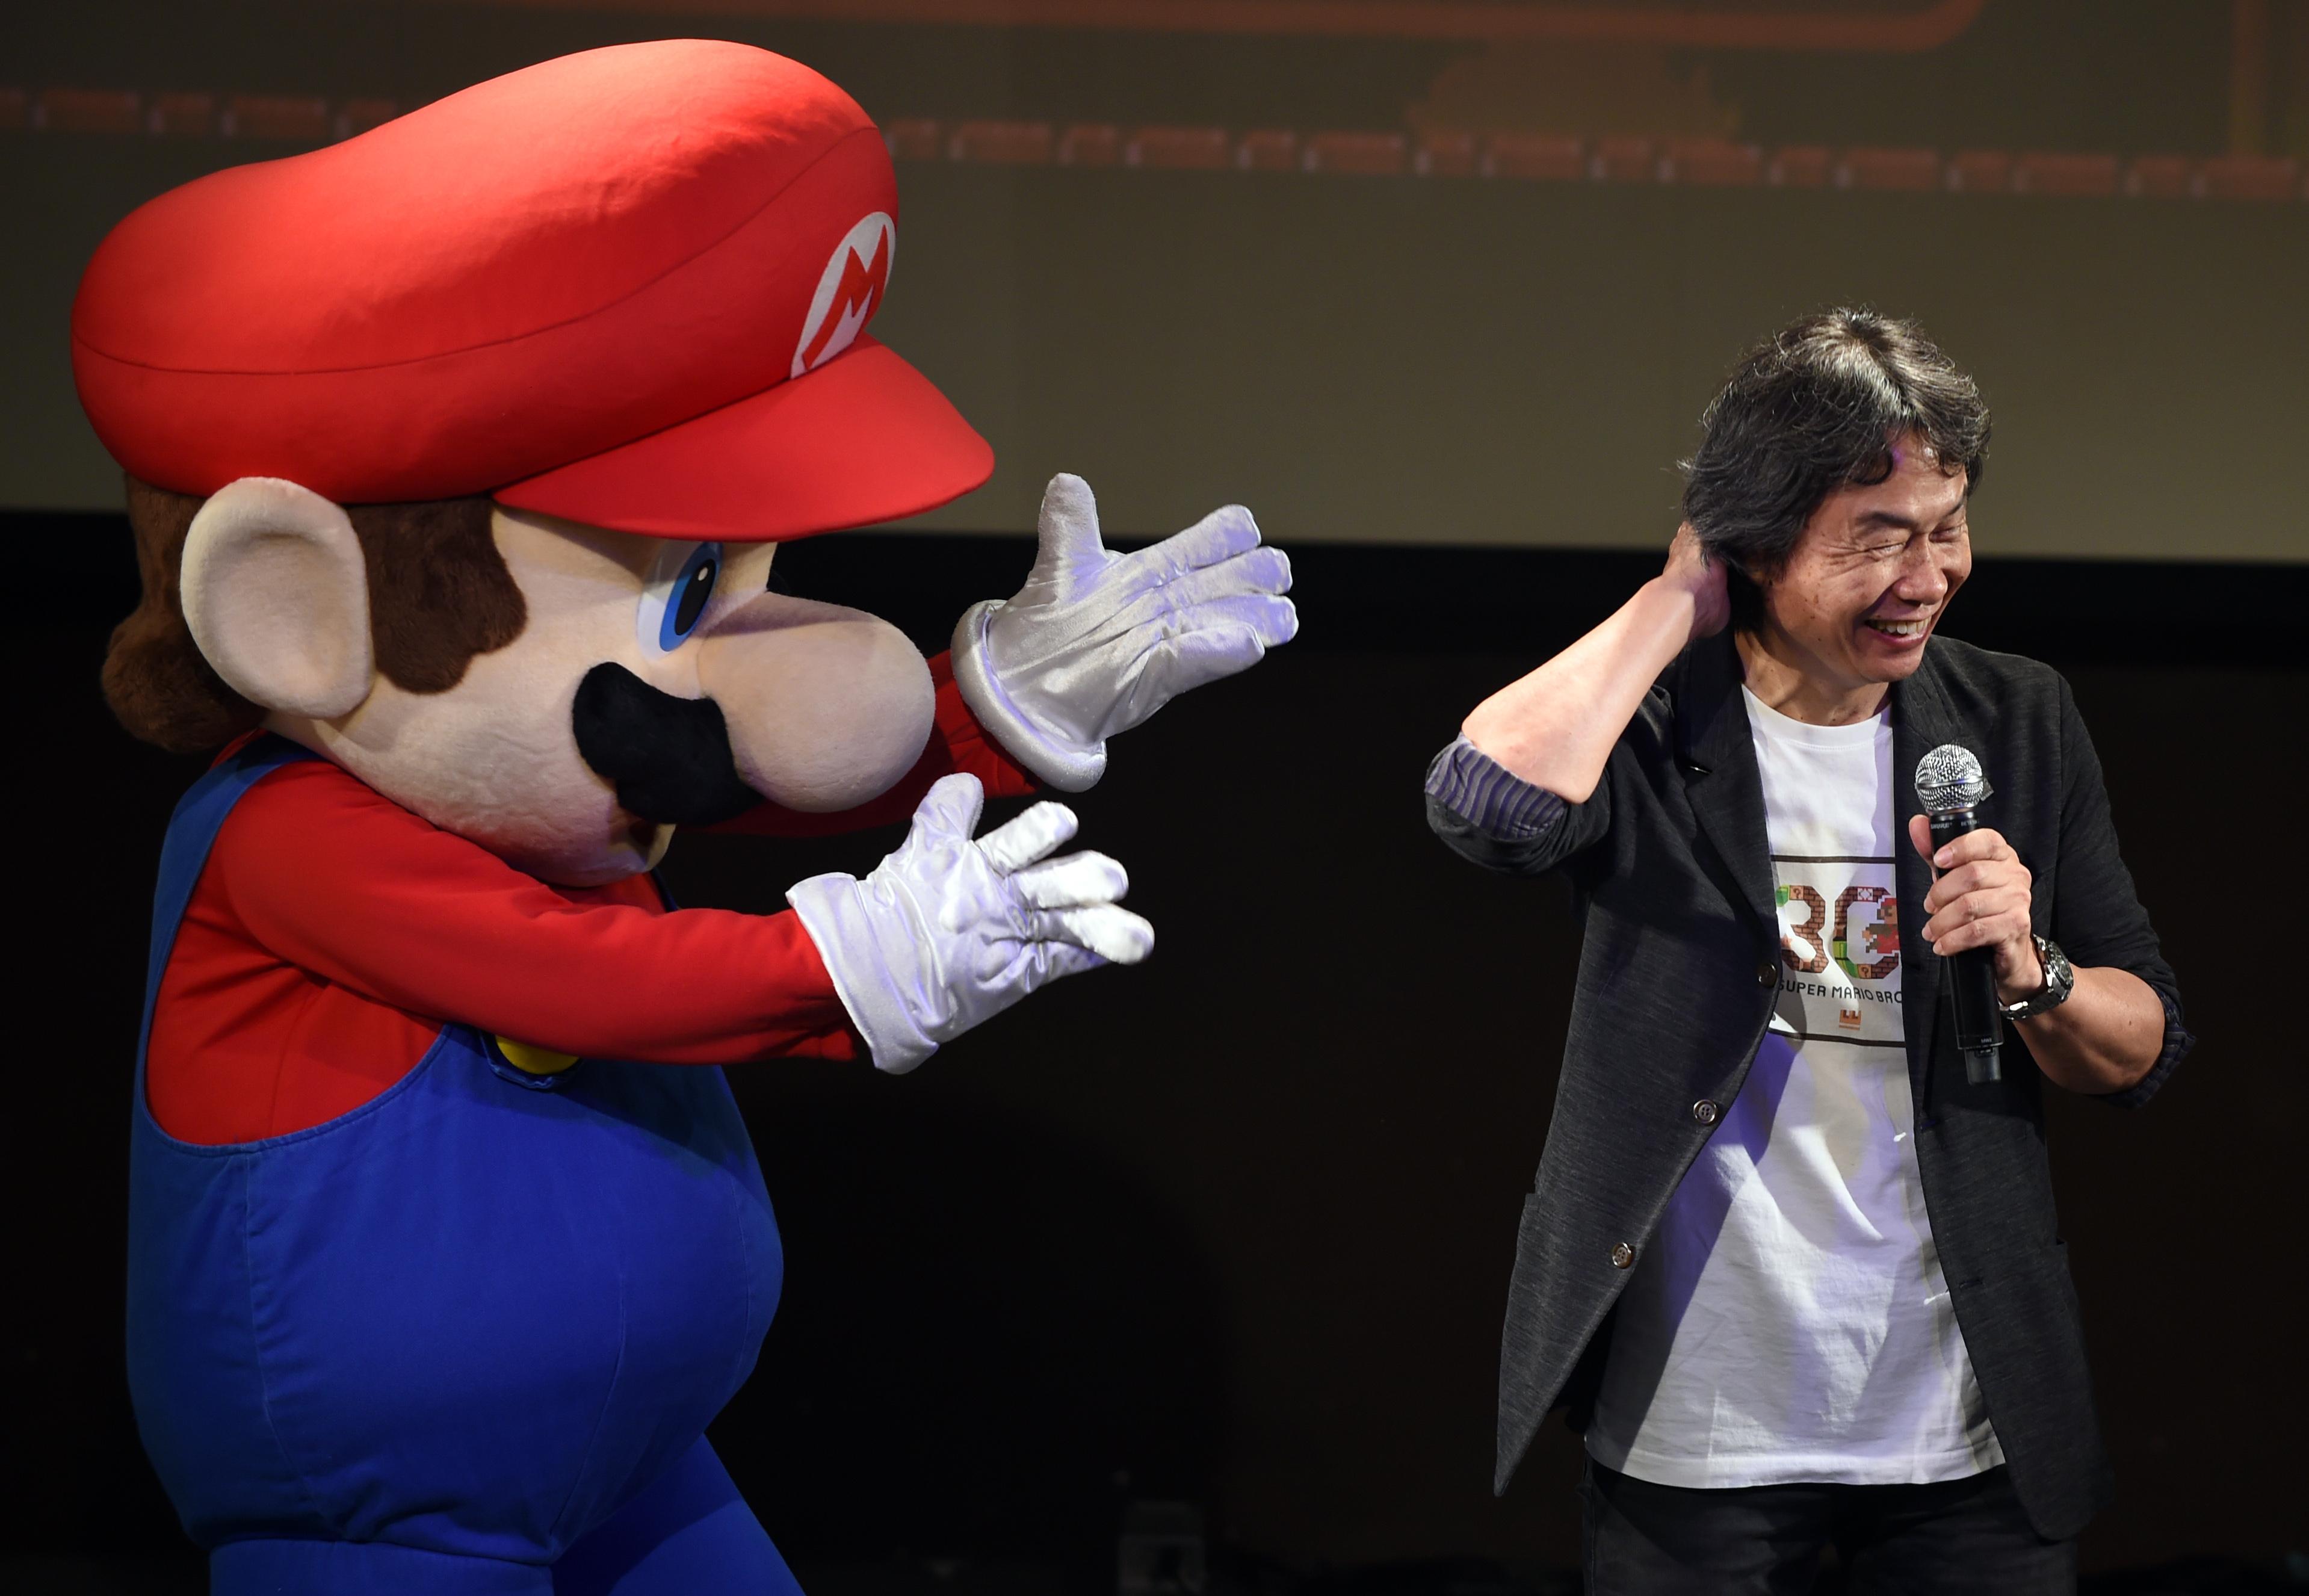 És az megvan, hogy a Nintendo levédette Super Mario pénzkeresős hangeffektjét?